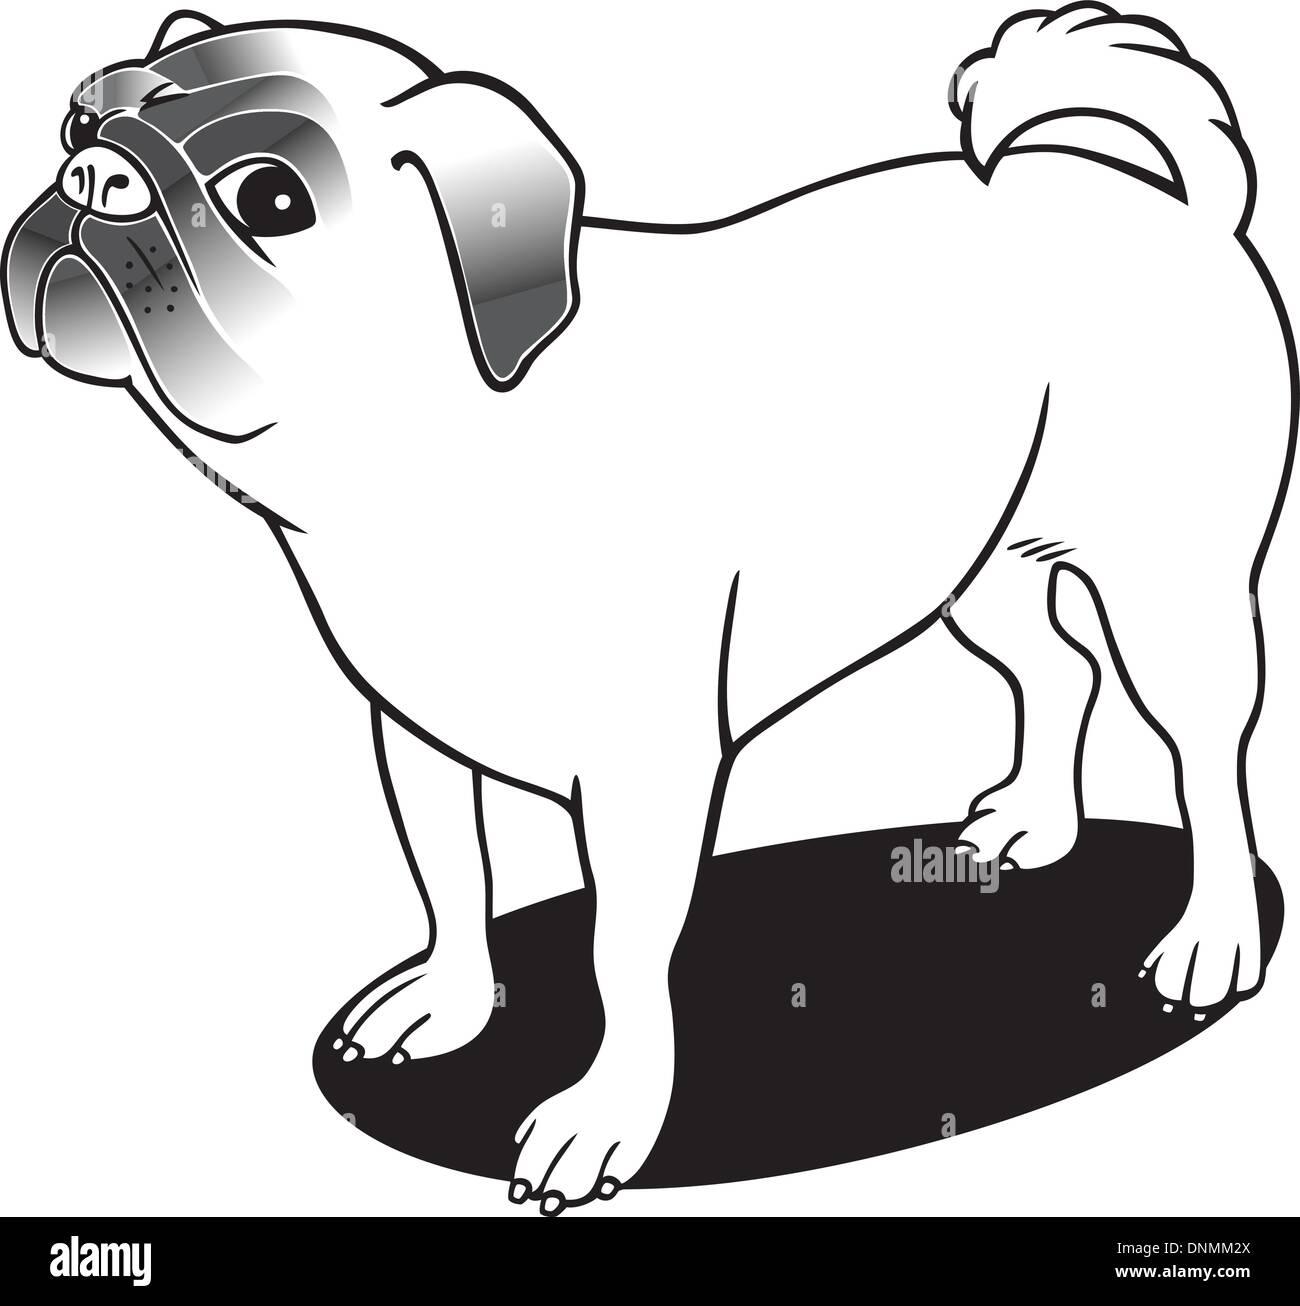 Ilustración de la raza pura pug para coloring book Ilustración del ...